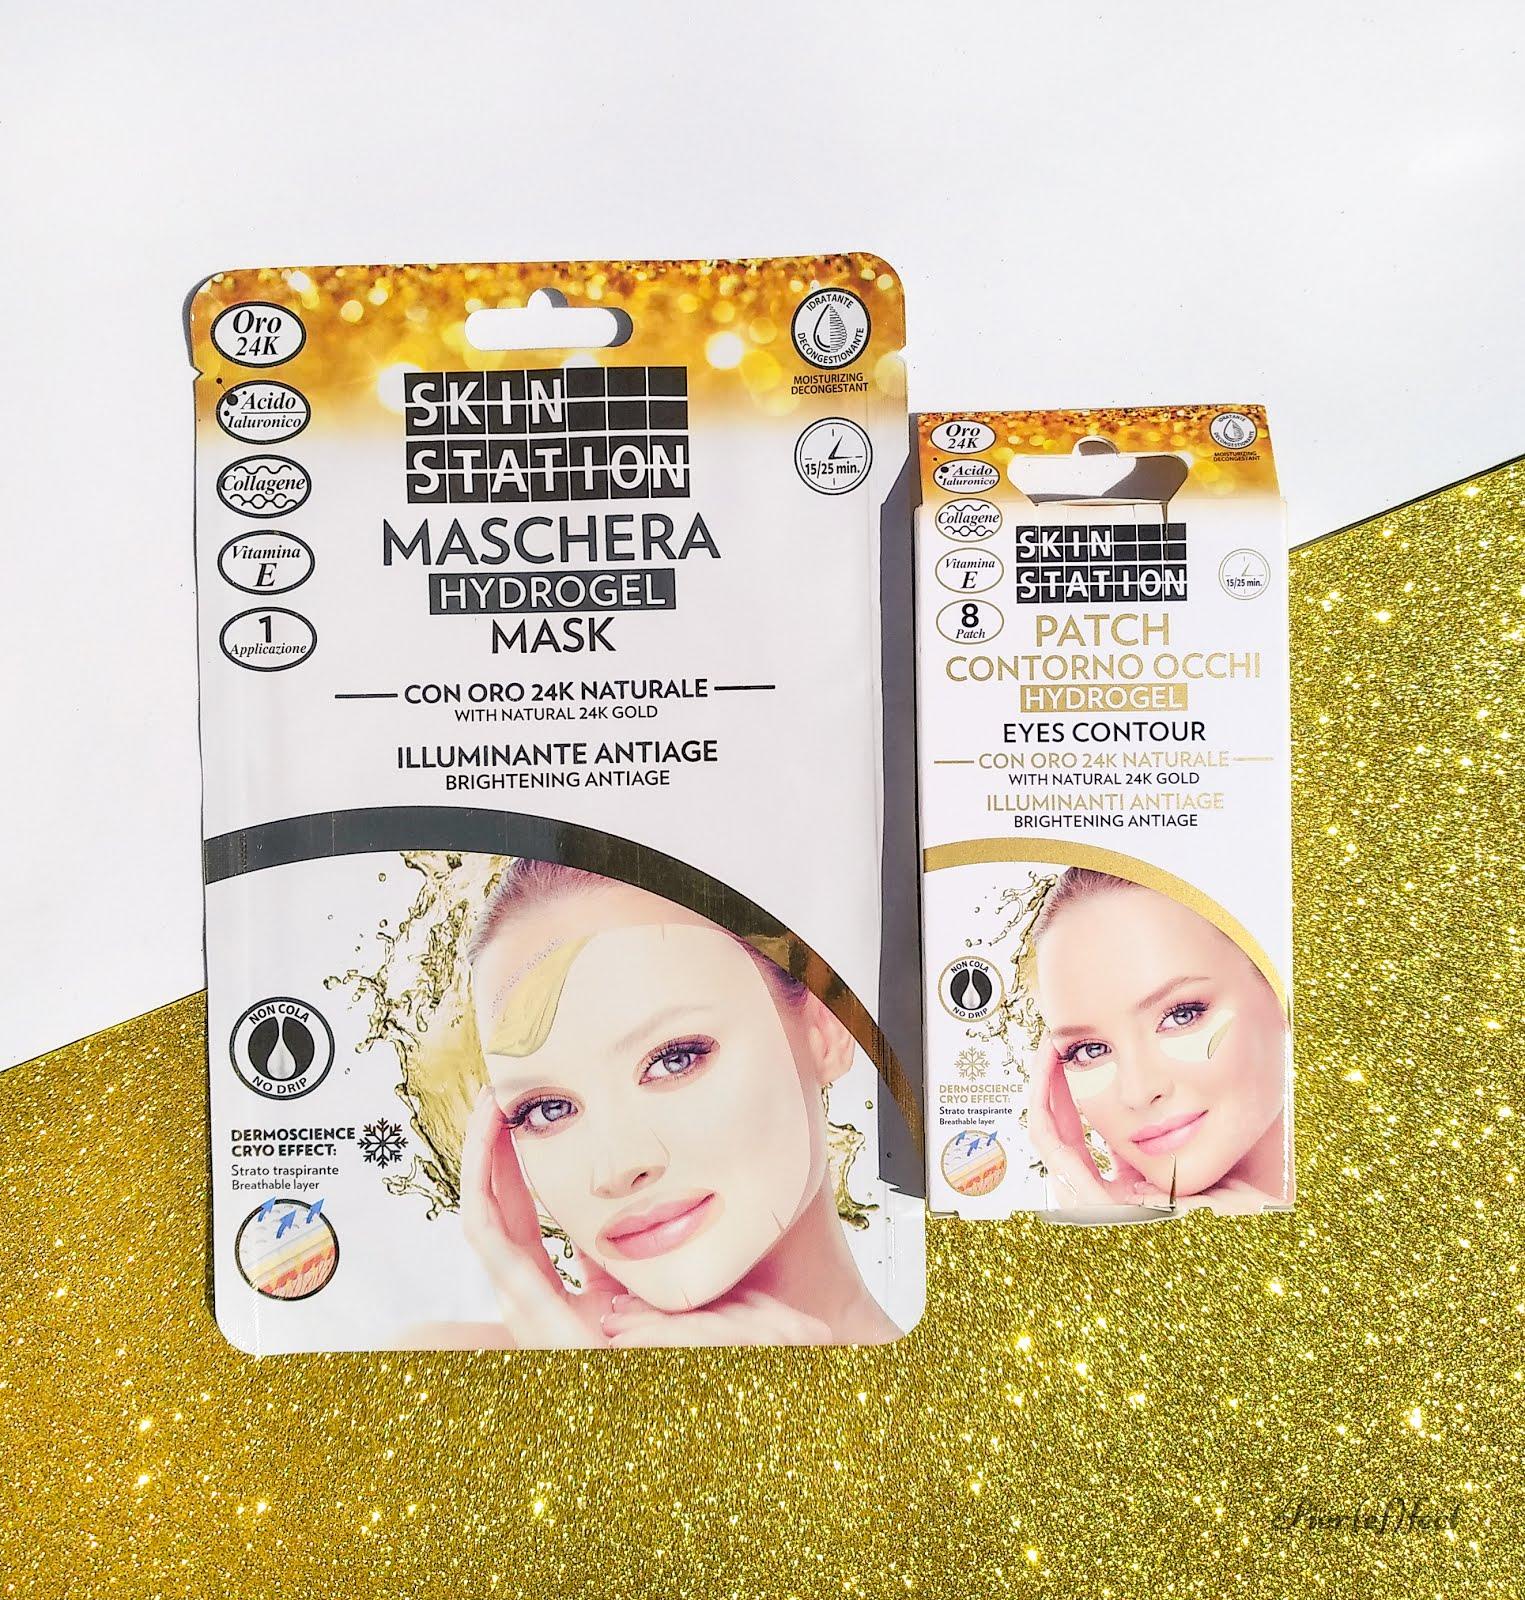 Skin Station maschere viso